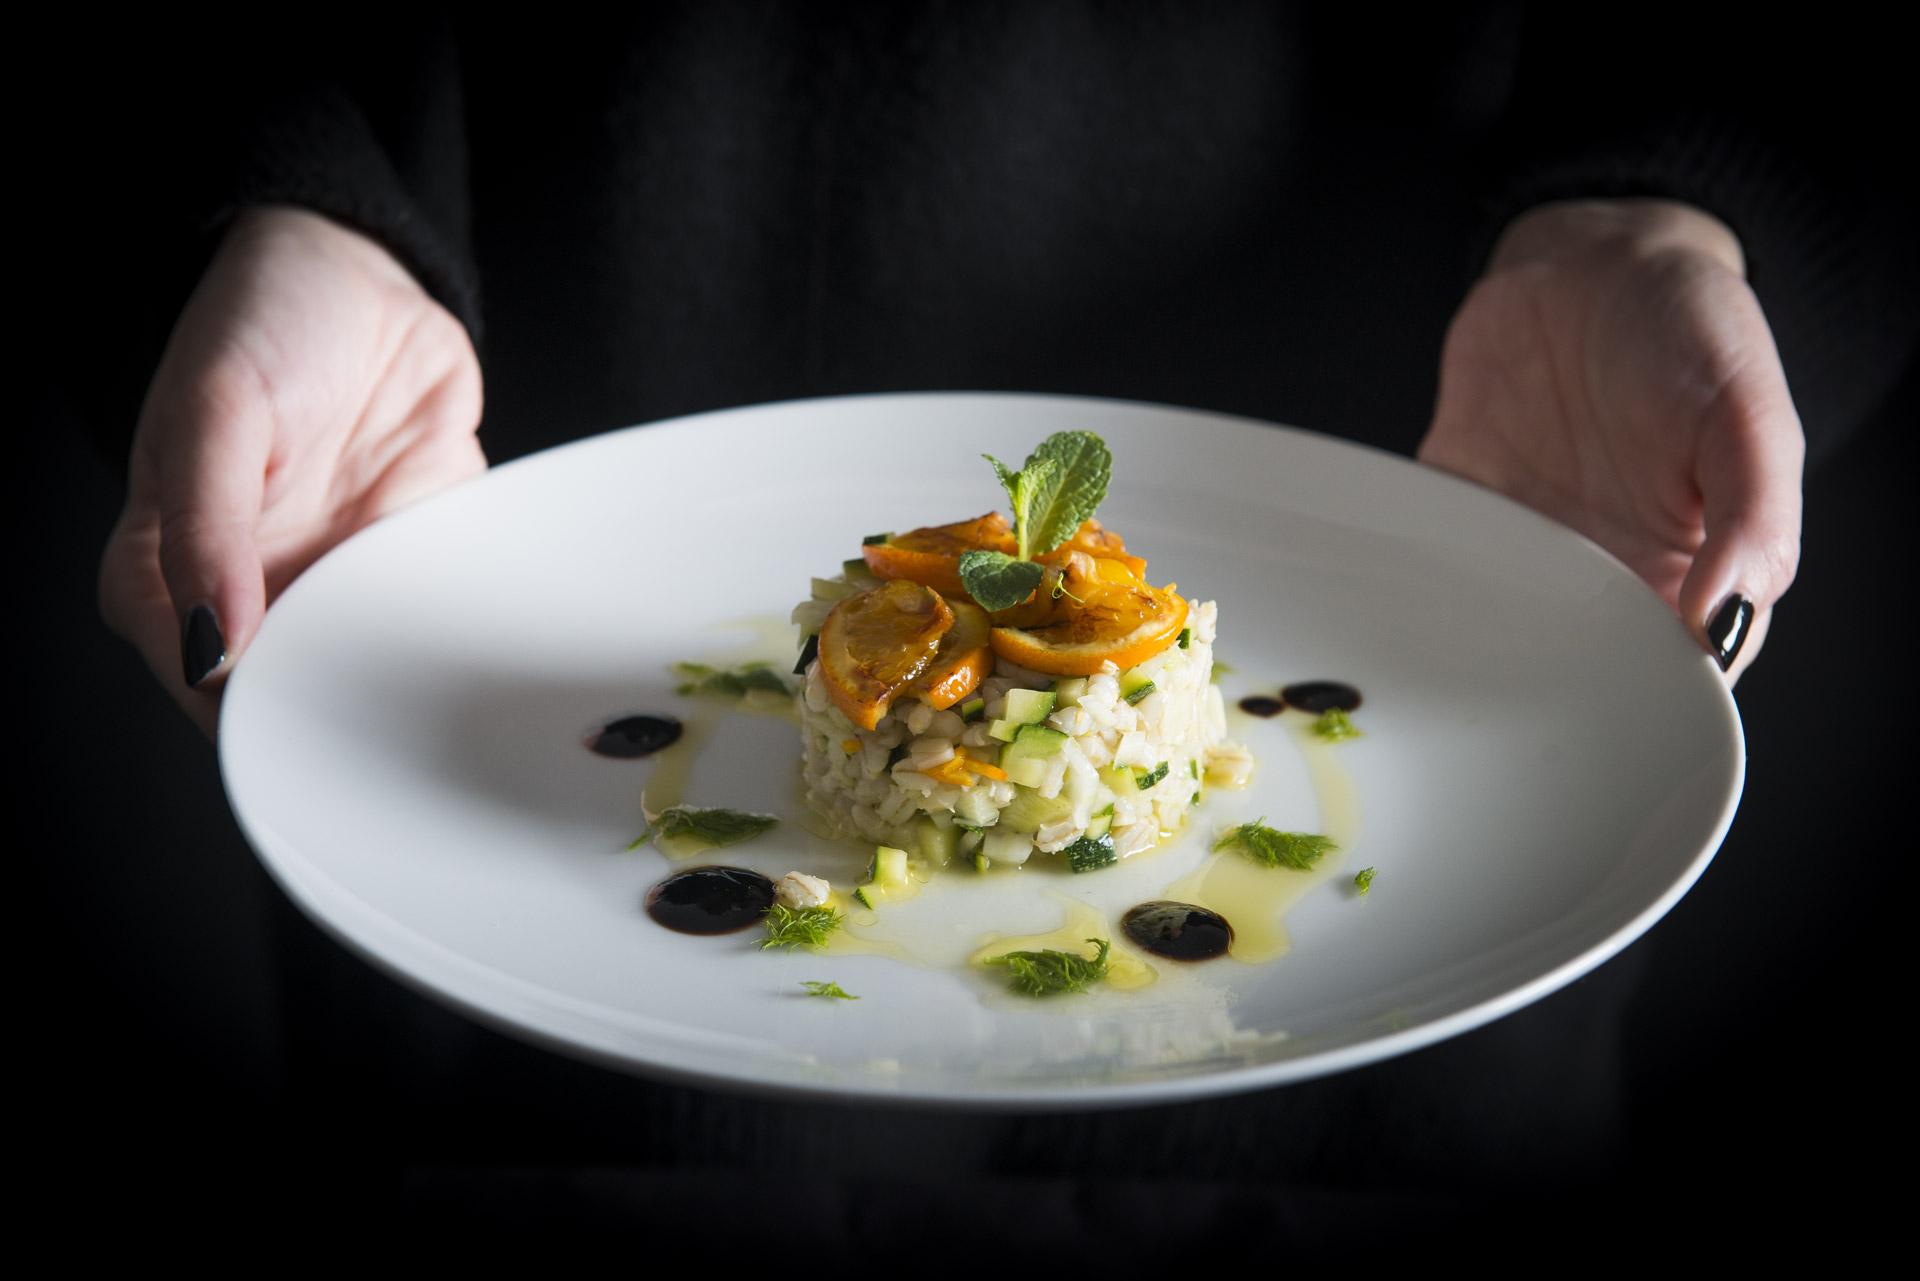 Timballino di orzo perlato, verdure all'arancio e perle di balsamico